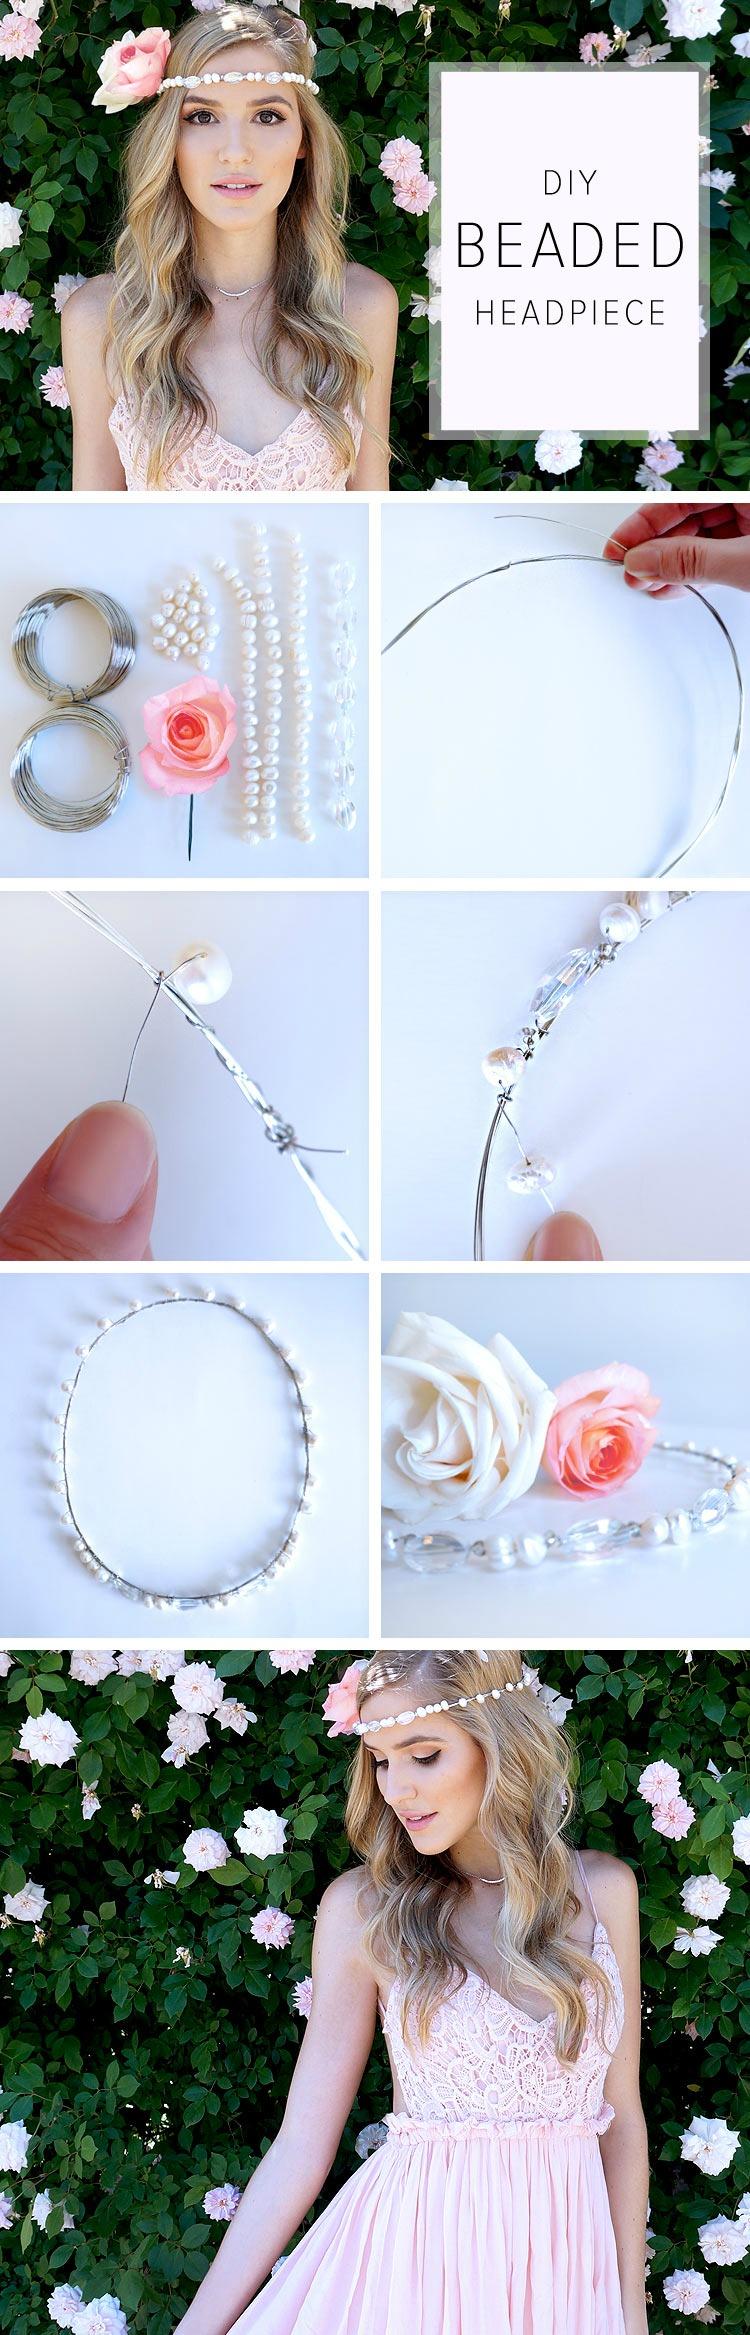 hacer accesorios para el cabello con flores